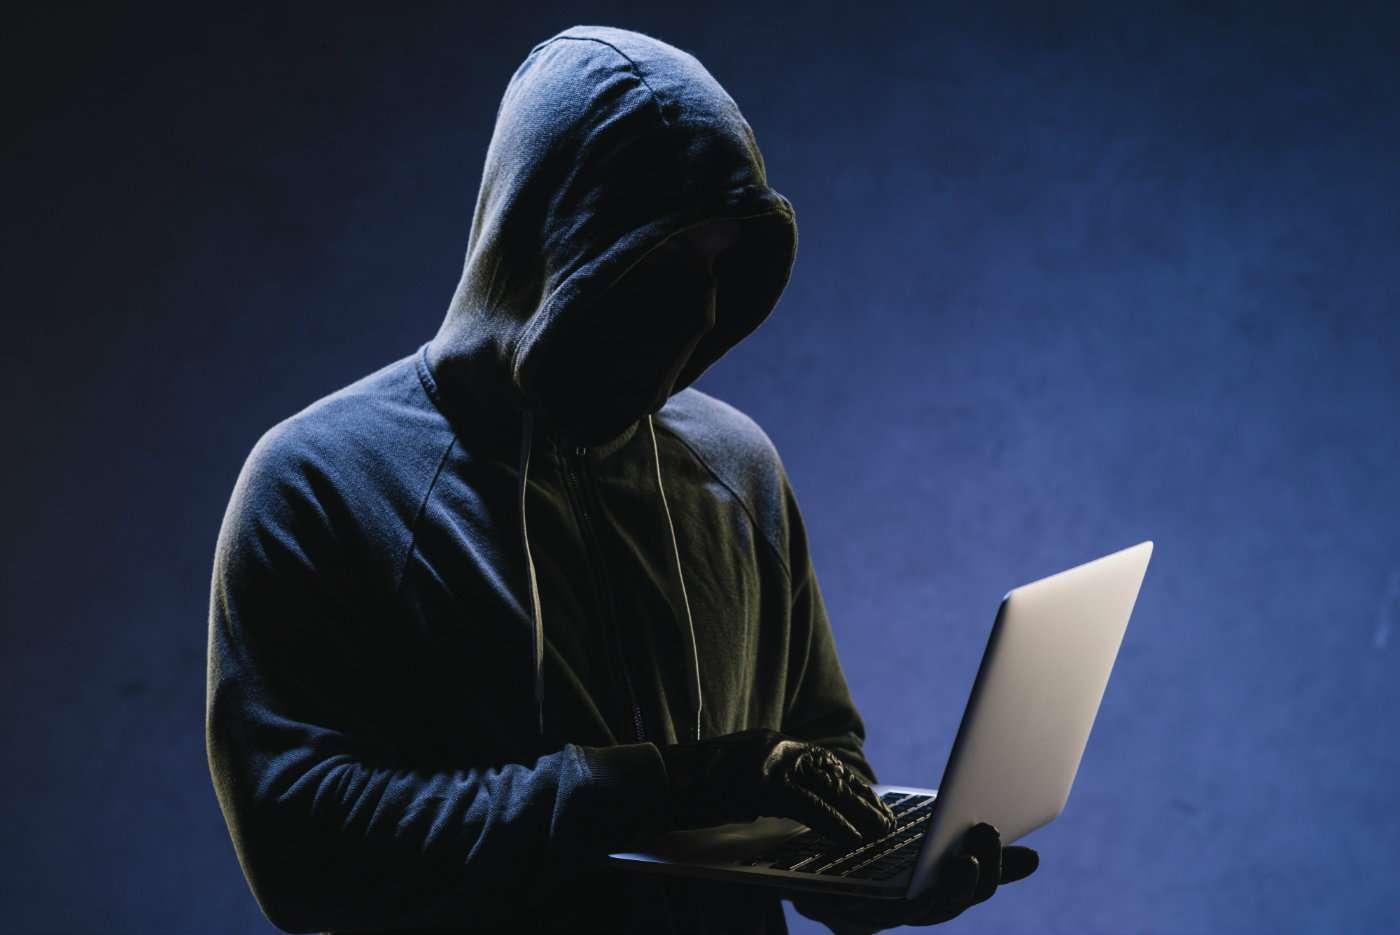 Consejos para evitar que un ciberdelincuente robe el control de tu coche